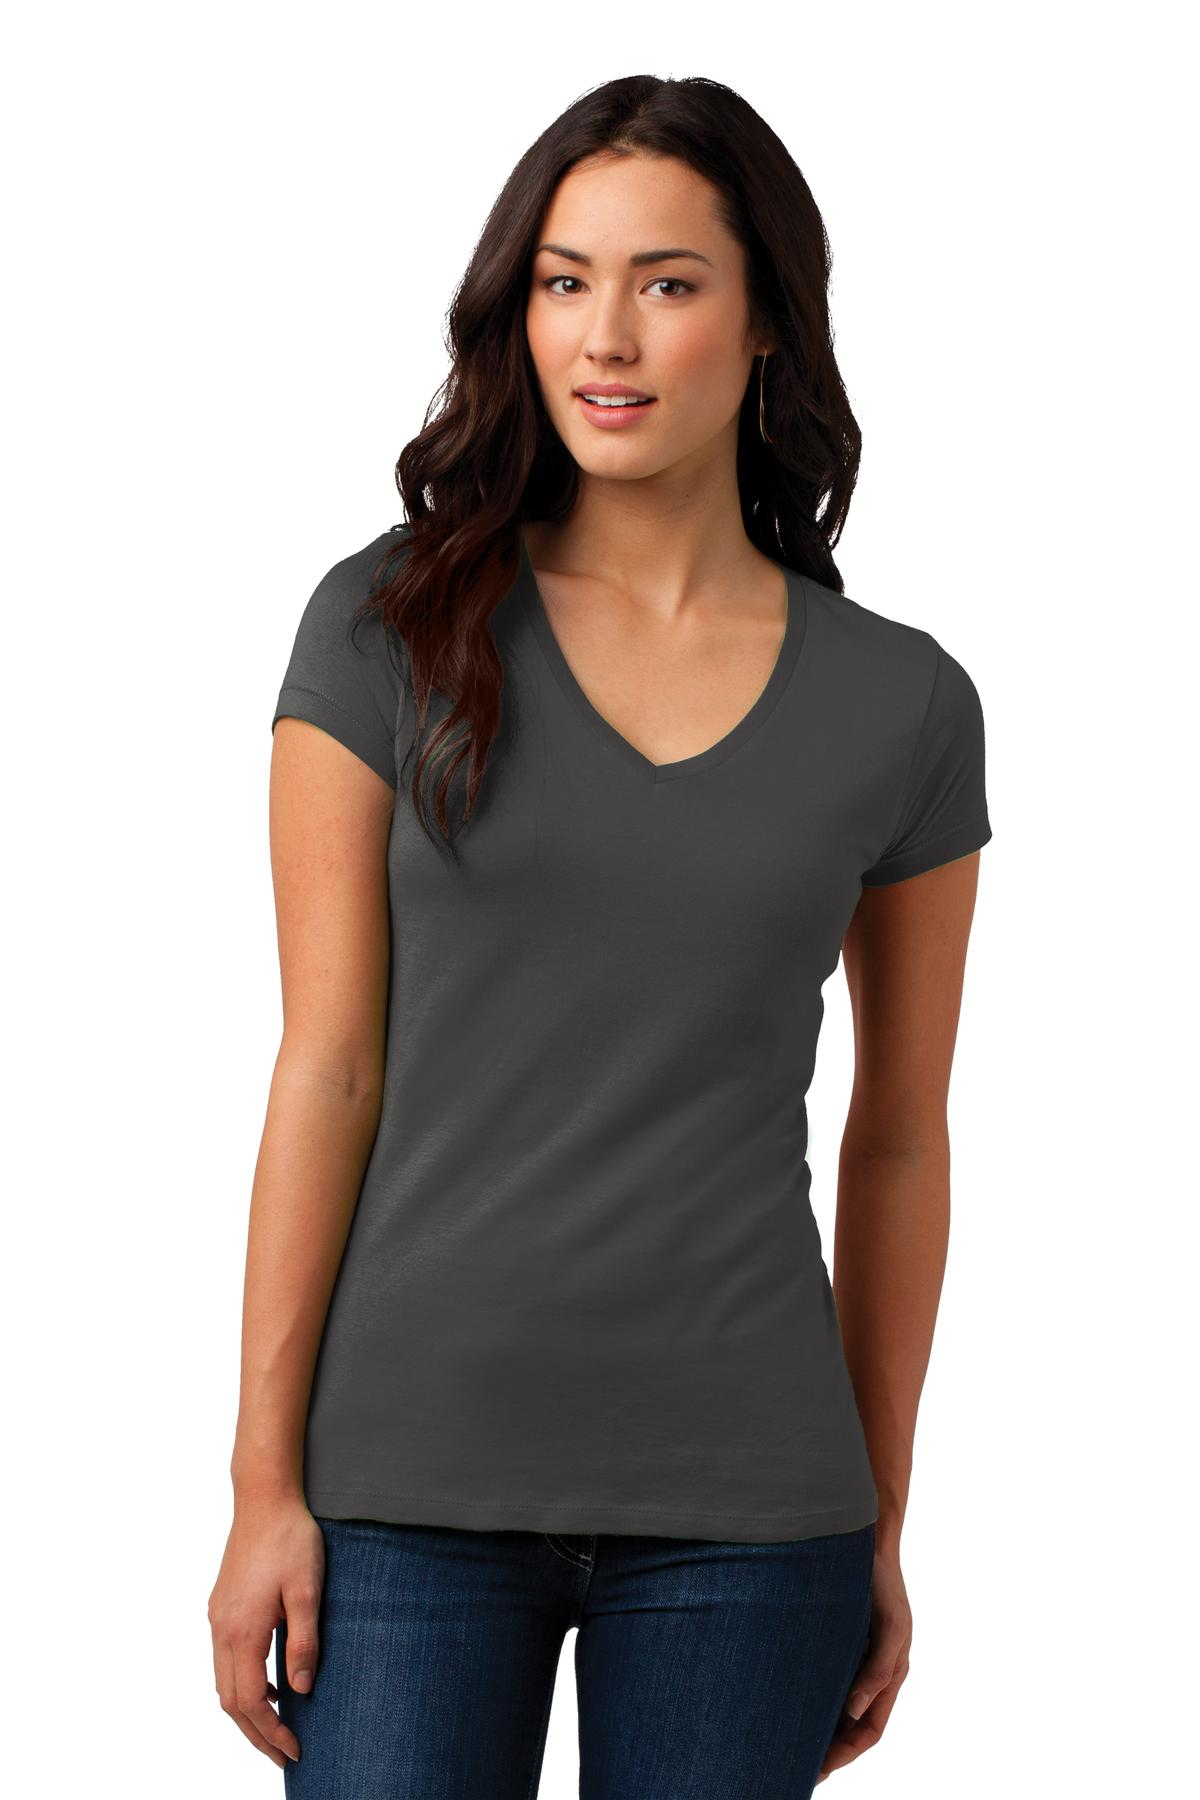 c8db397d5c1ea7 District Clothing DT4501 - blankstyle.com